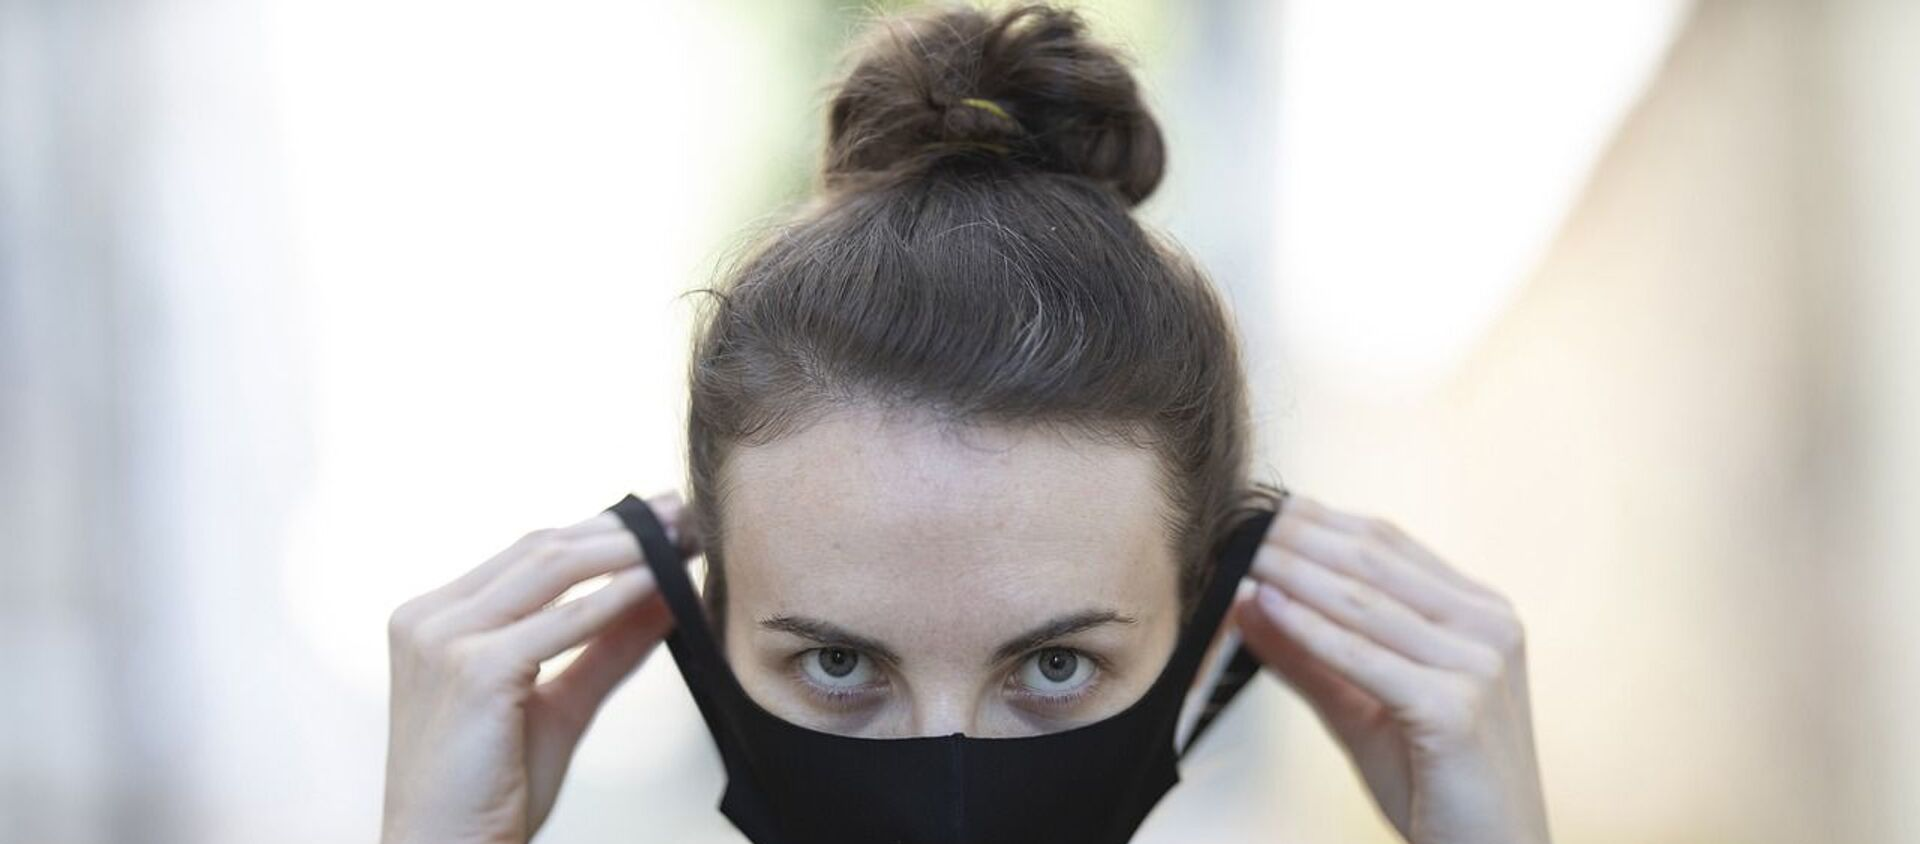 Siyah maske - maske - koronavirüs - Sputnik Türkiye, 1920, 10.02.2021